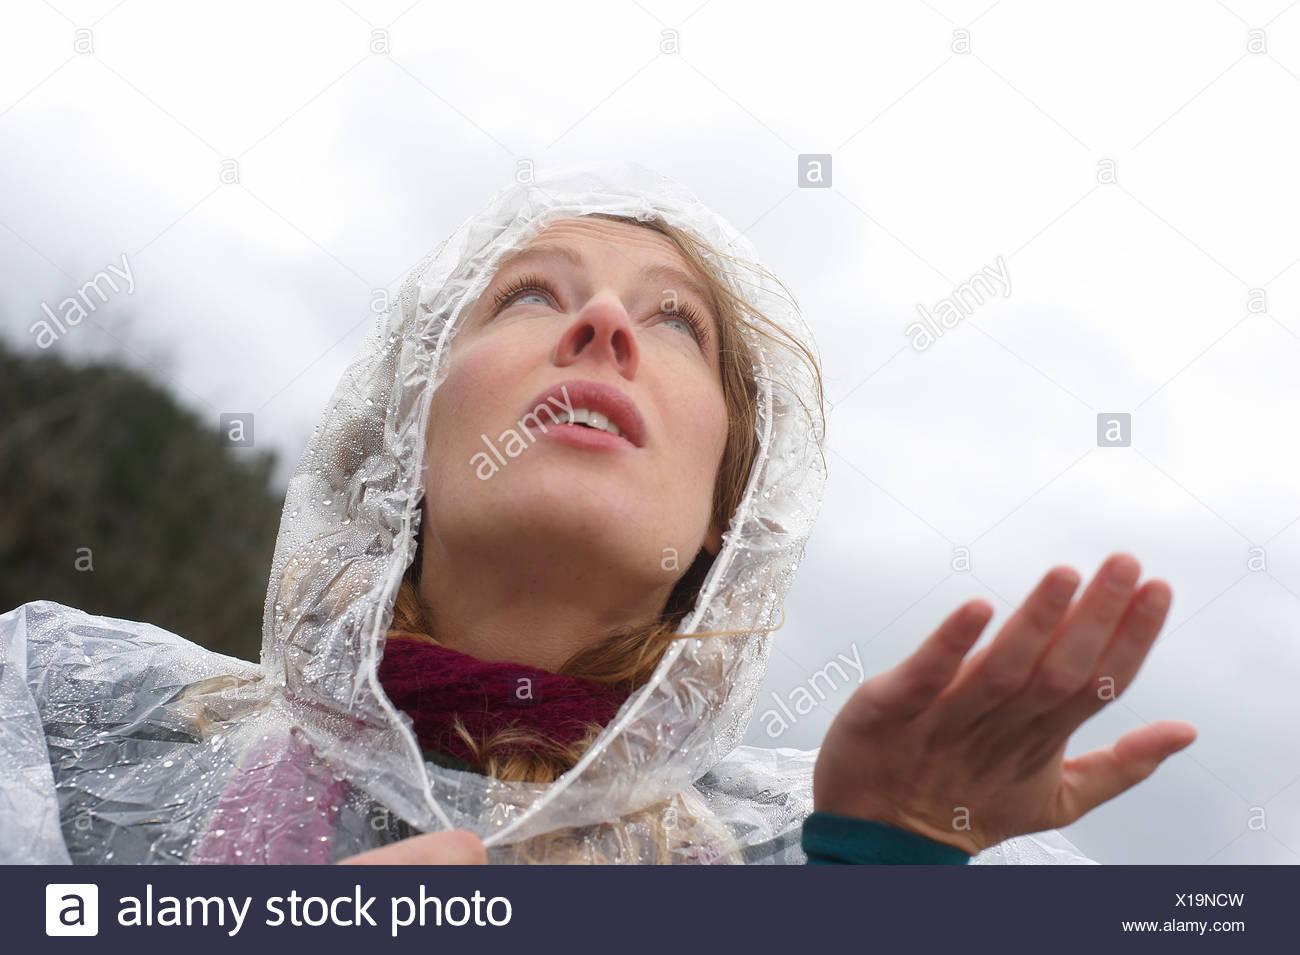 Eine Frau im Regen tragen einen Plastiken-Regenmantel Stockbild